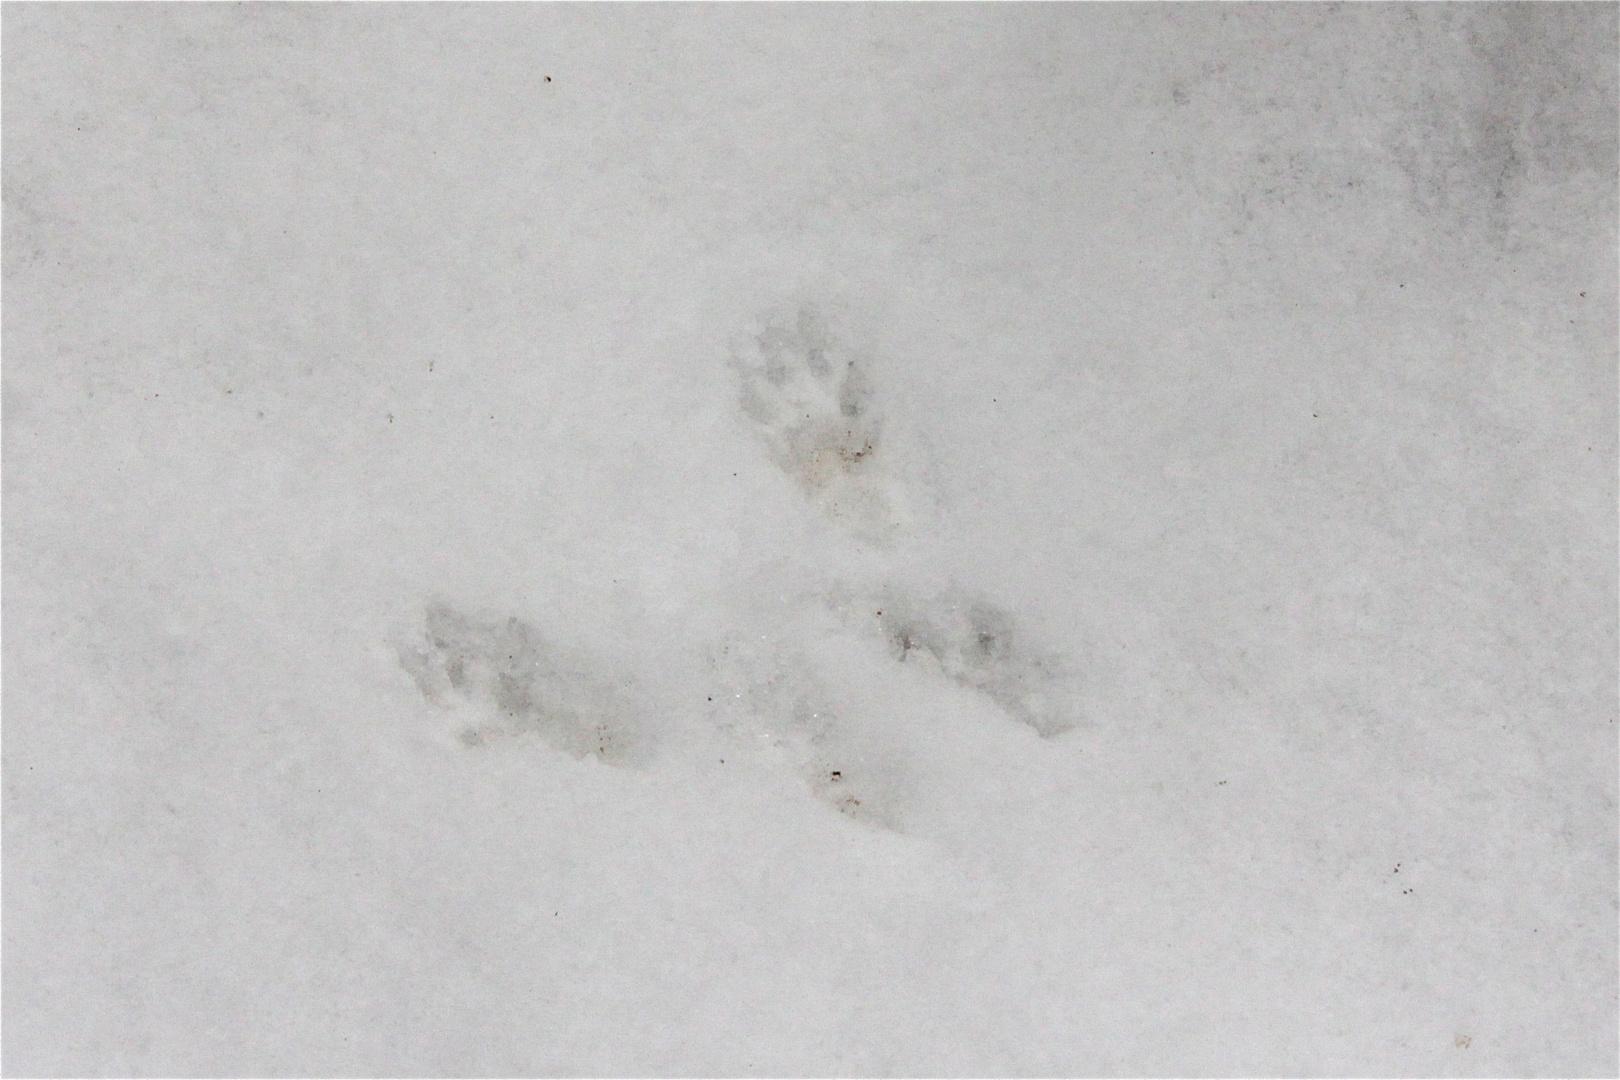 Welches Tier ist der Verursacher dieser Spur?